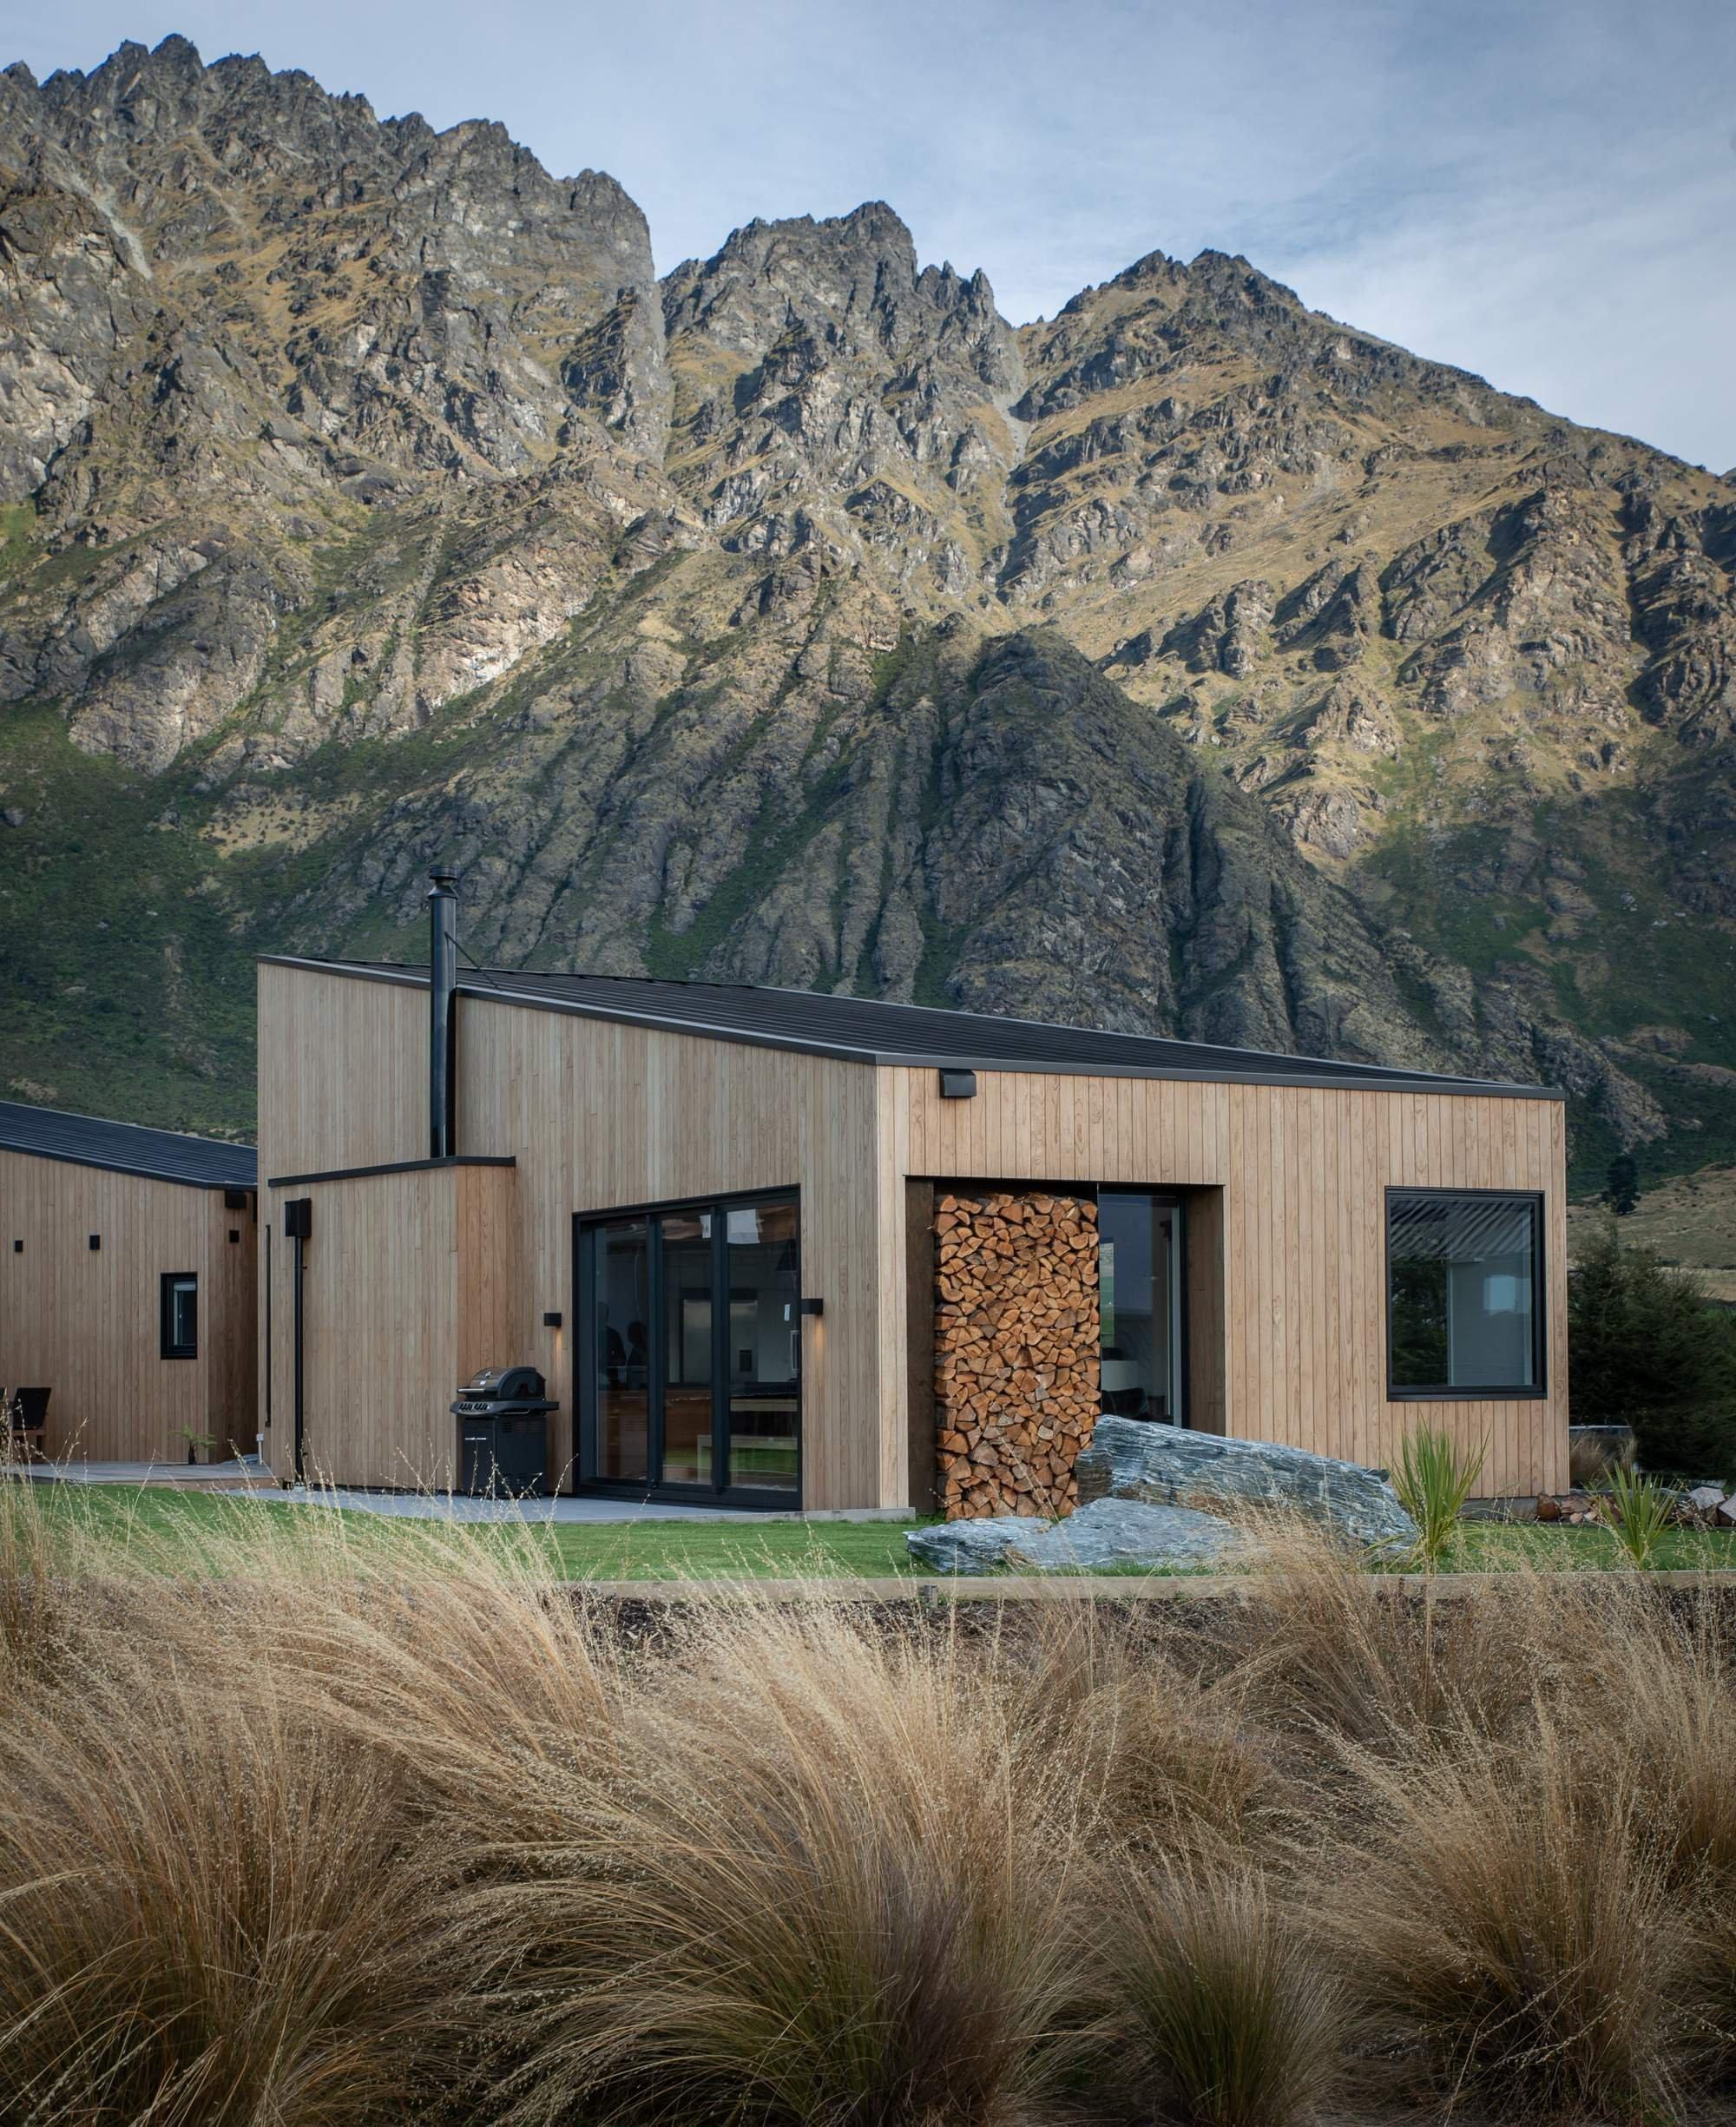 Rodinný dům na Novém Zélandu